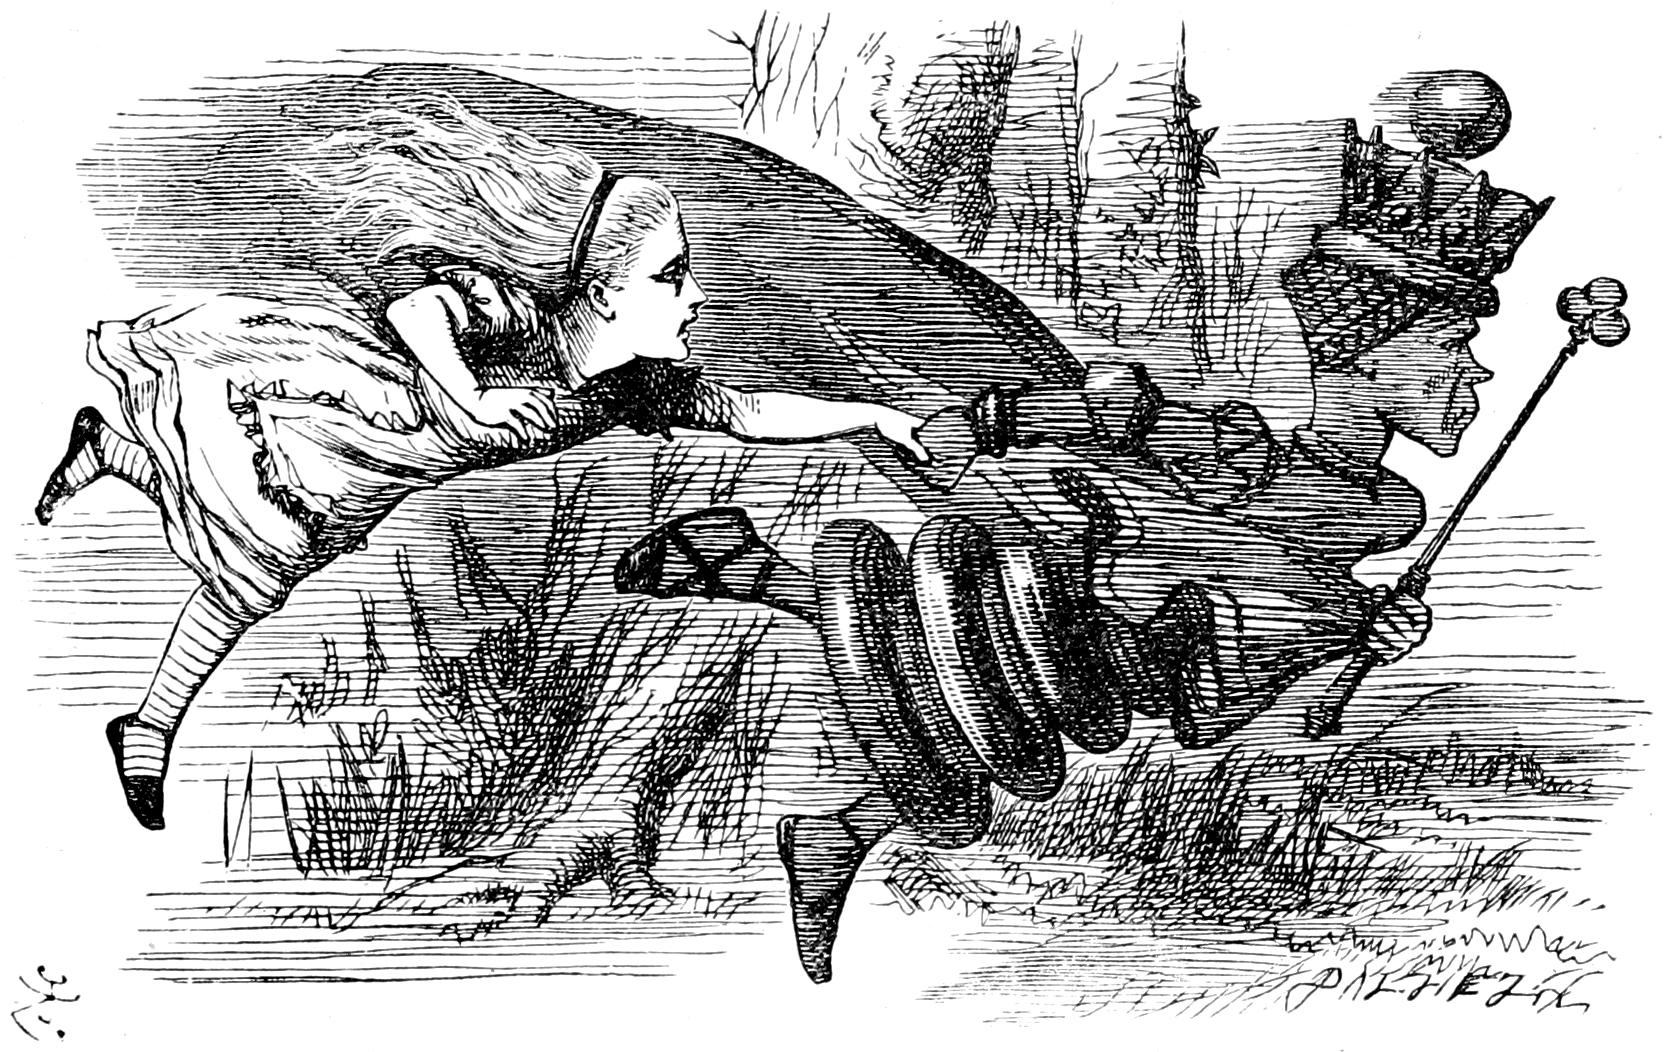 Алиса иКрасная Королева. Ну, то есть Чёрная королева.